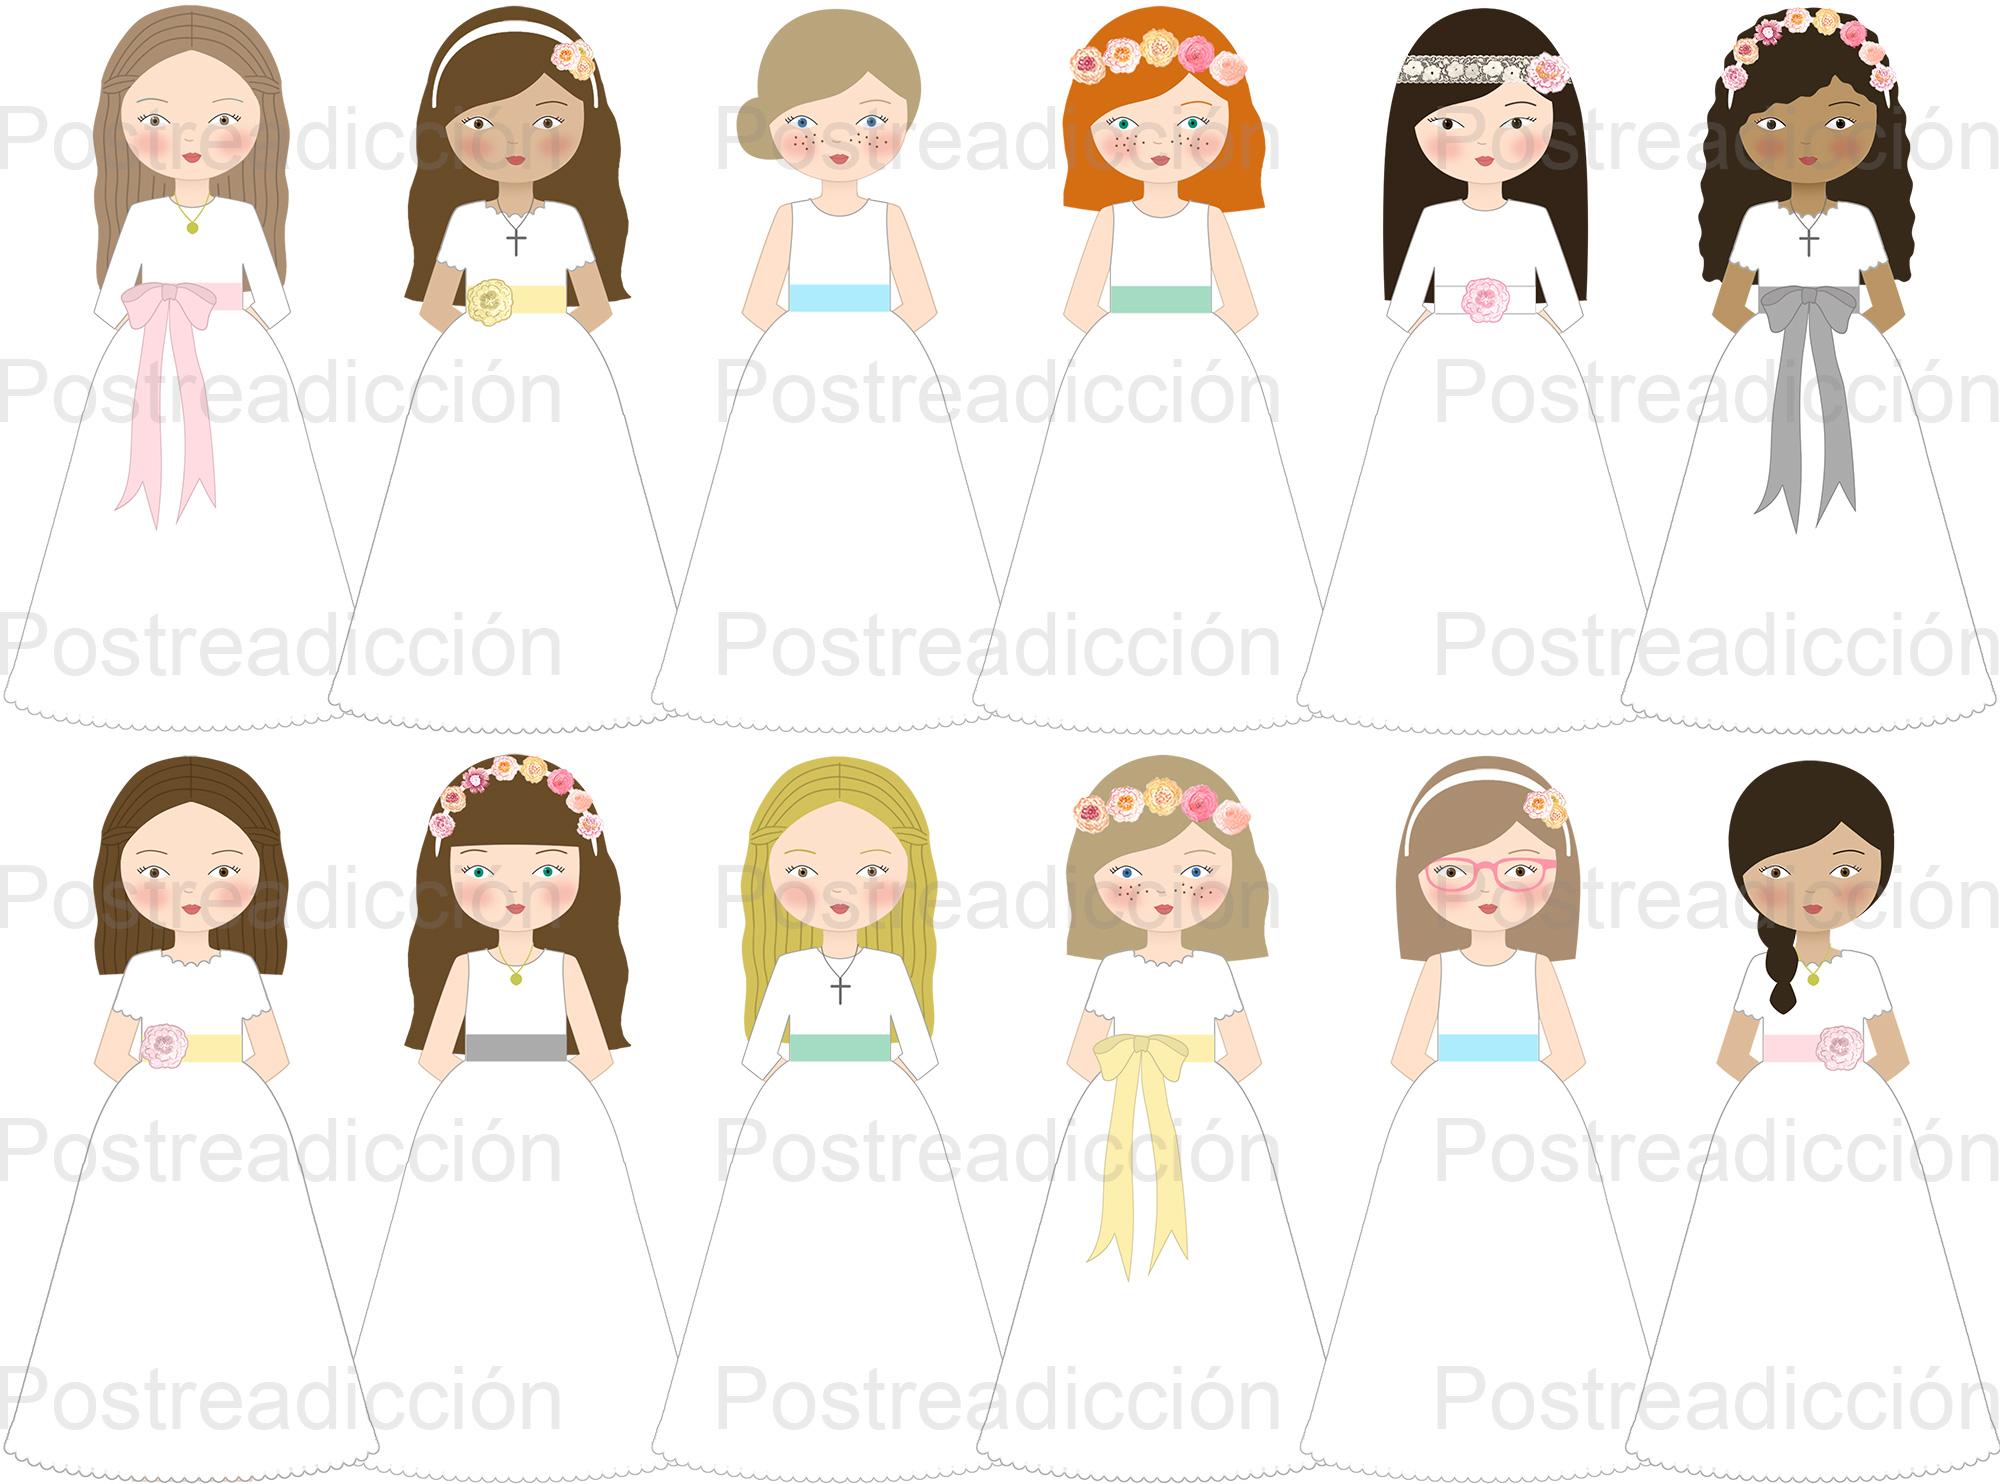 Imagen de producto: https://tienda.postreadiccion.com/img/articulos/secundarias5533-kit-imprimible-de-comunion-carlota-circulos-rosa-2.jpg